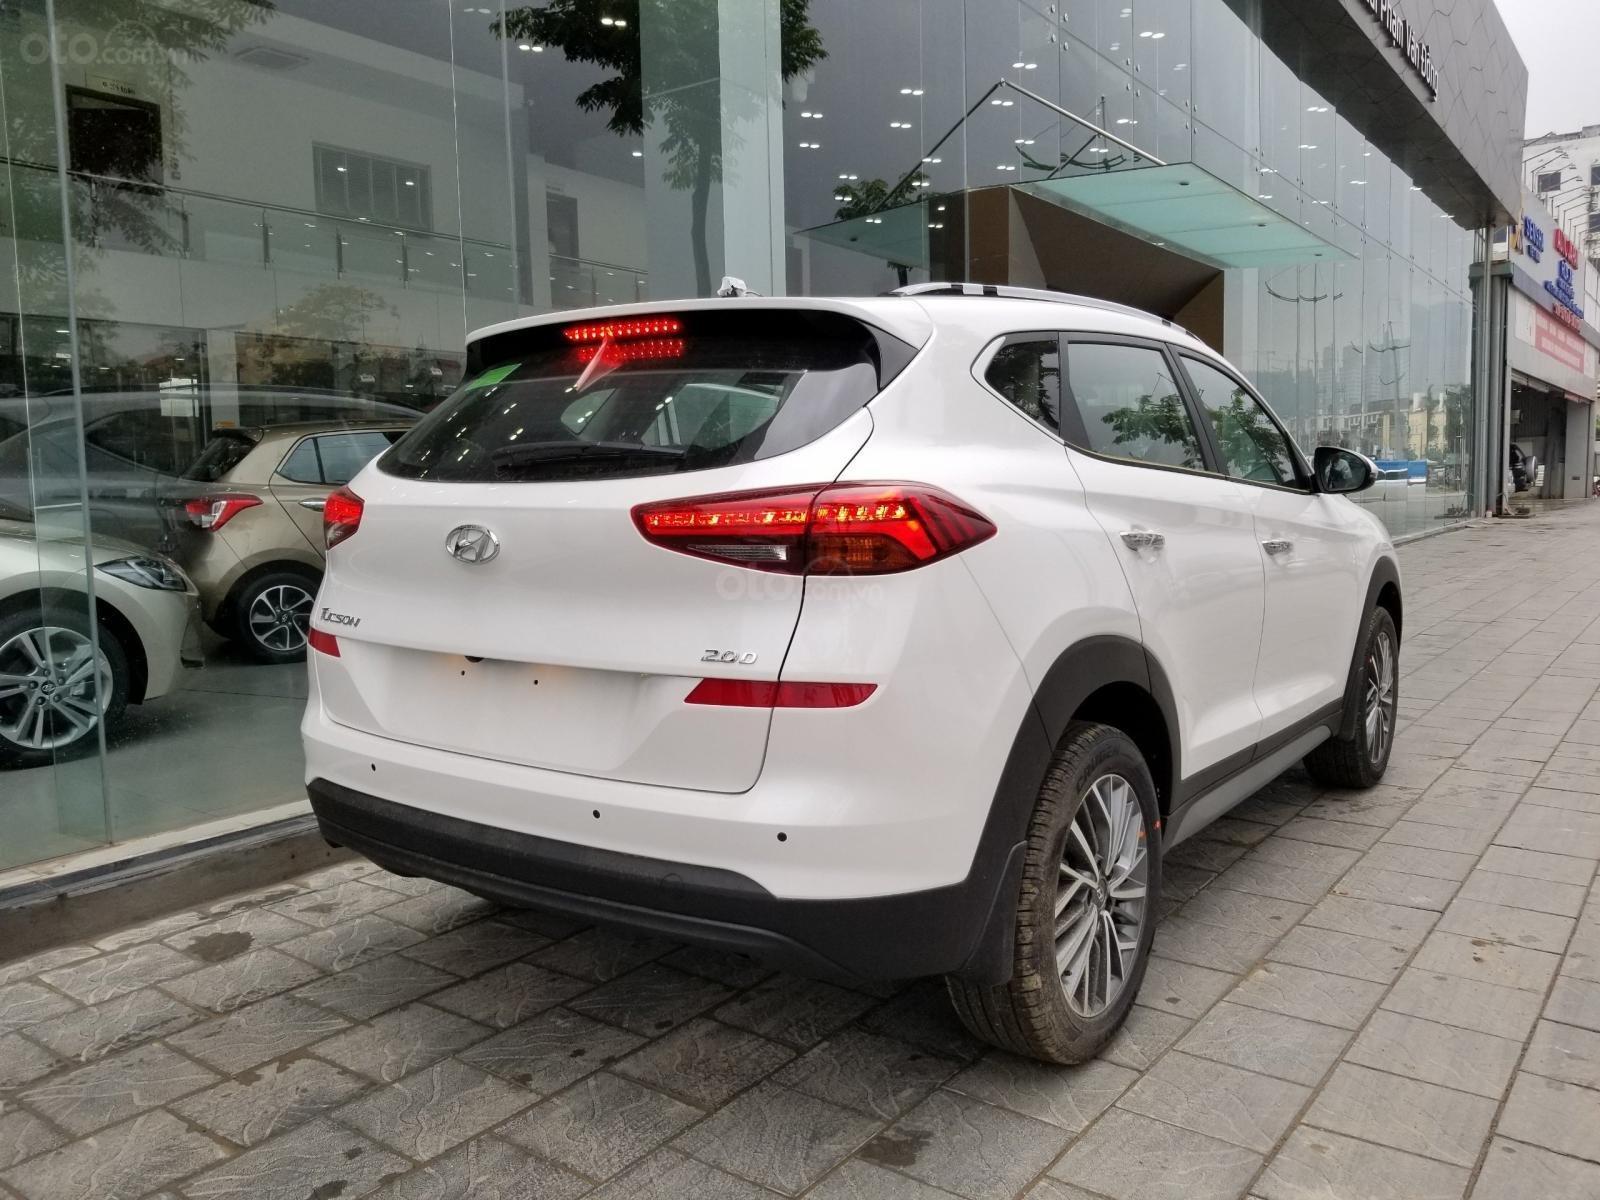 Hyundai Tucson 2020, đủ phiên bản - đủ màu, ưu đãi cực lớn trả góp cực nhanh (6)